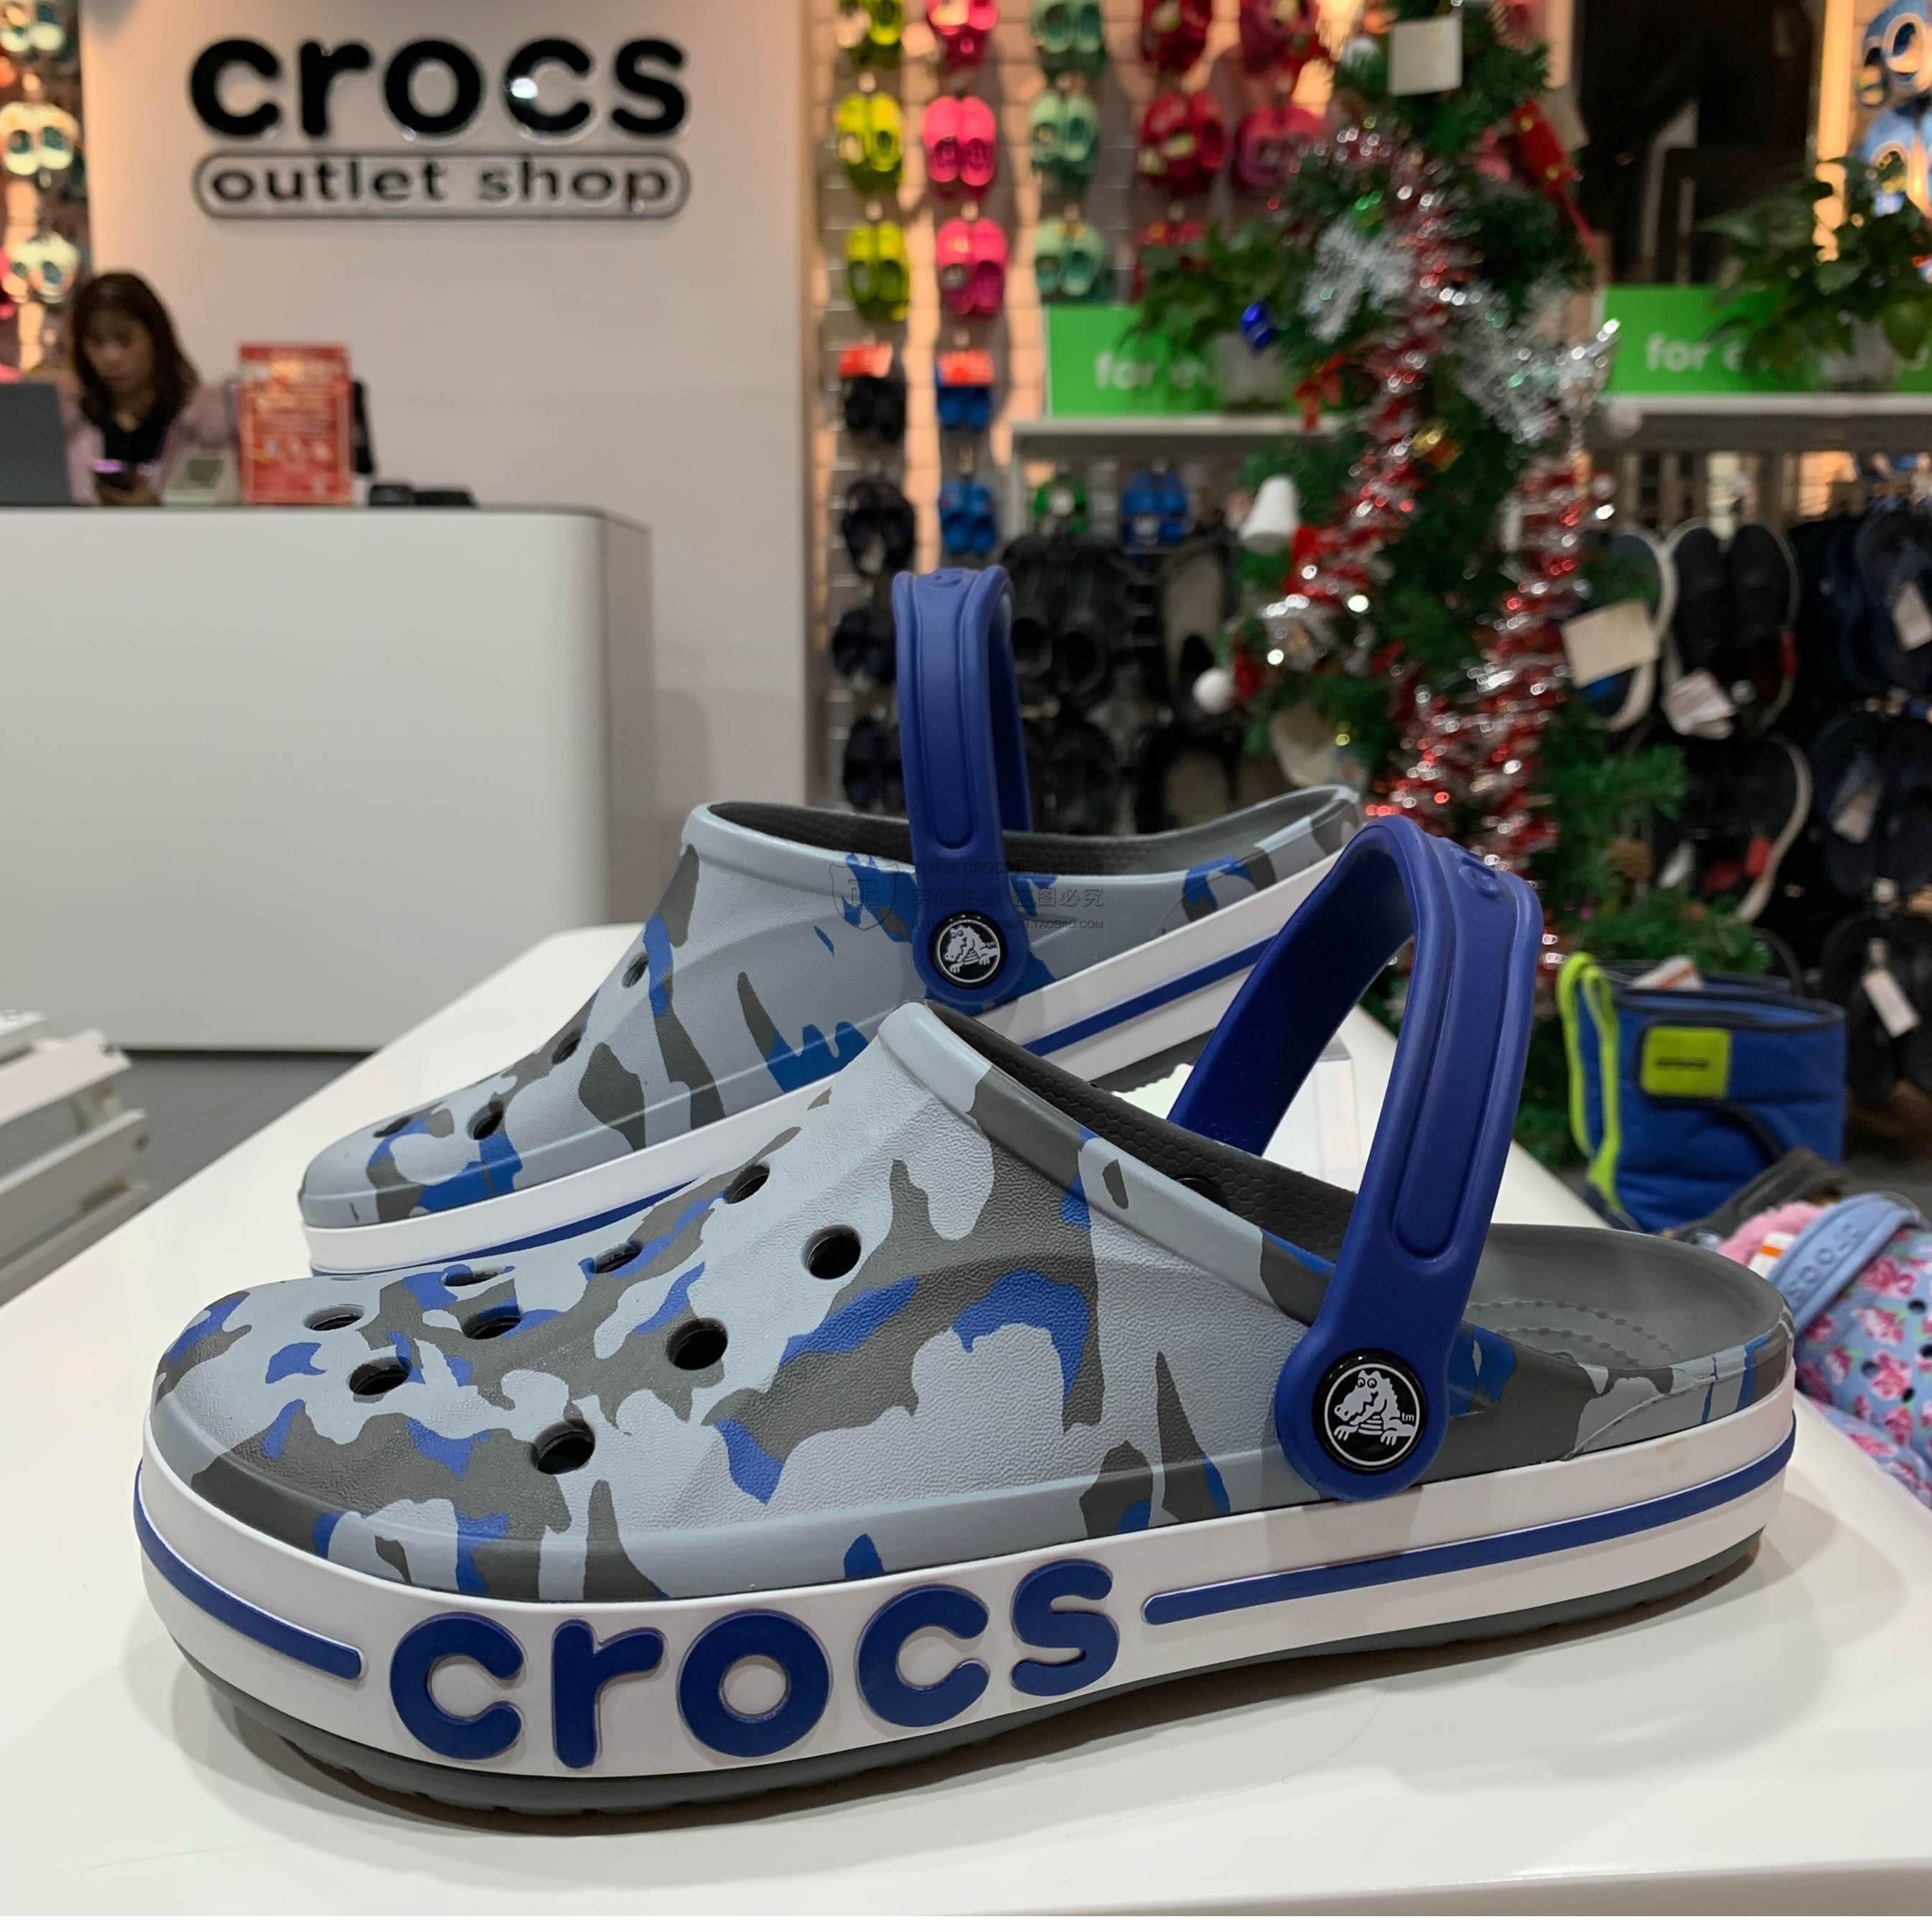 李佳琦推荐Crocs户外沙滩鞋洞洞鞋卡骆驰男女鞋 防滑凉拖鞋205089